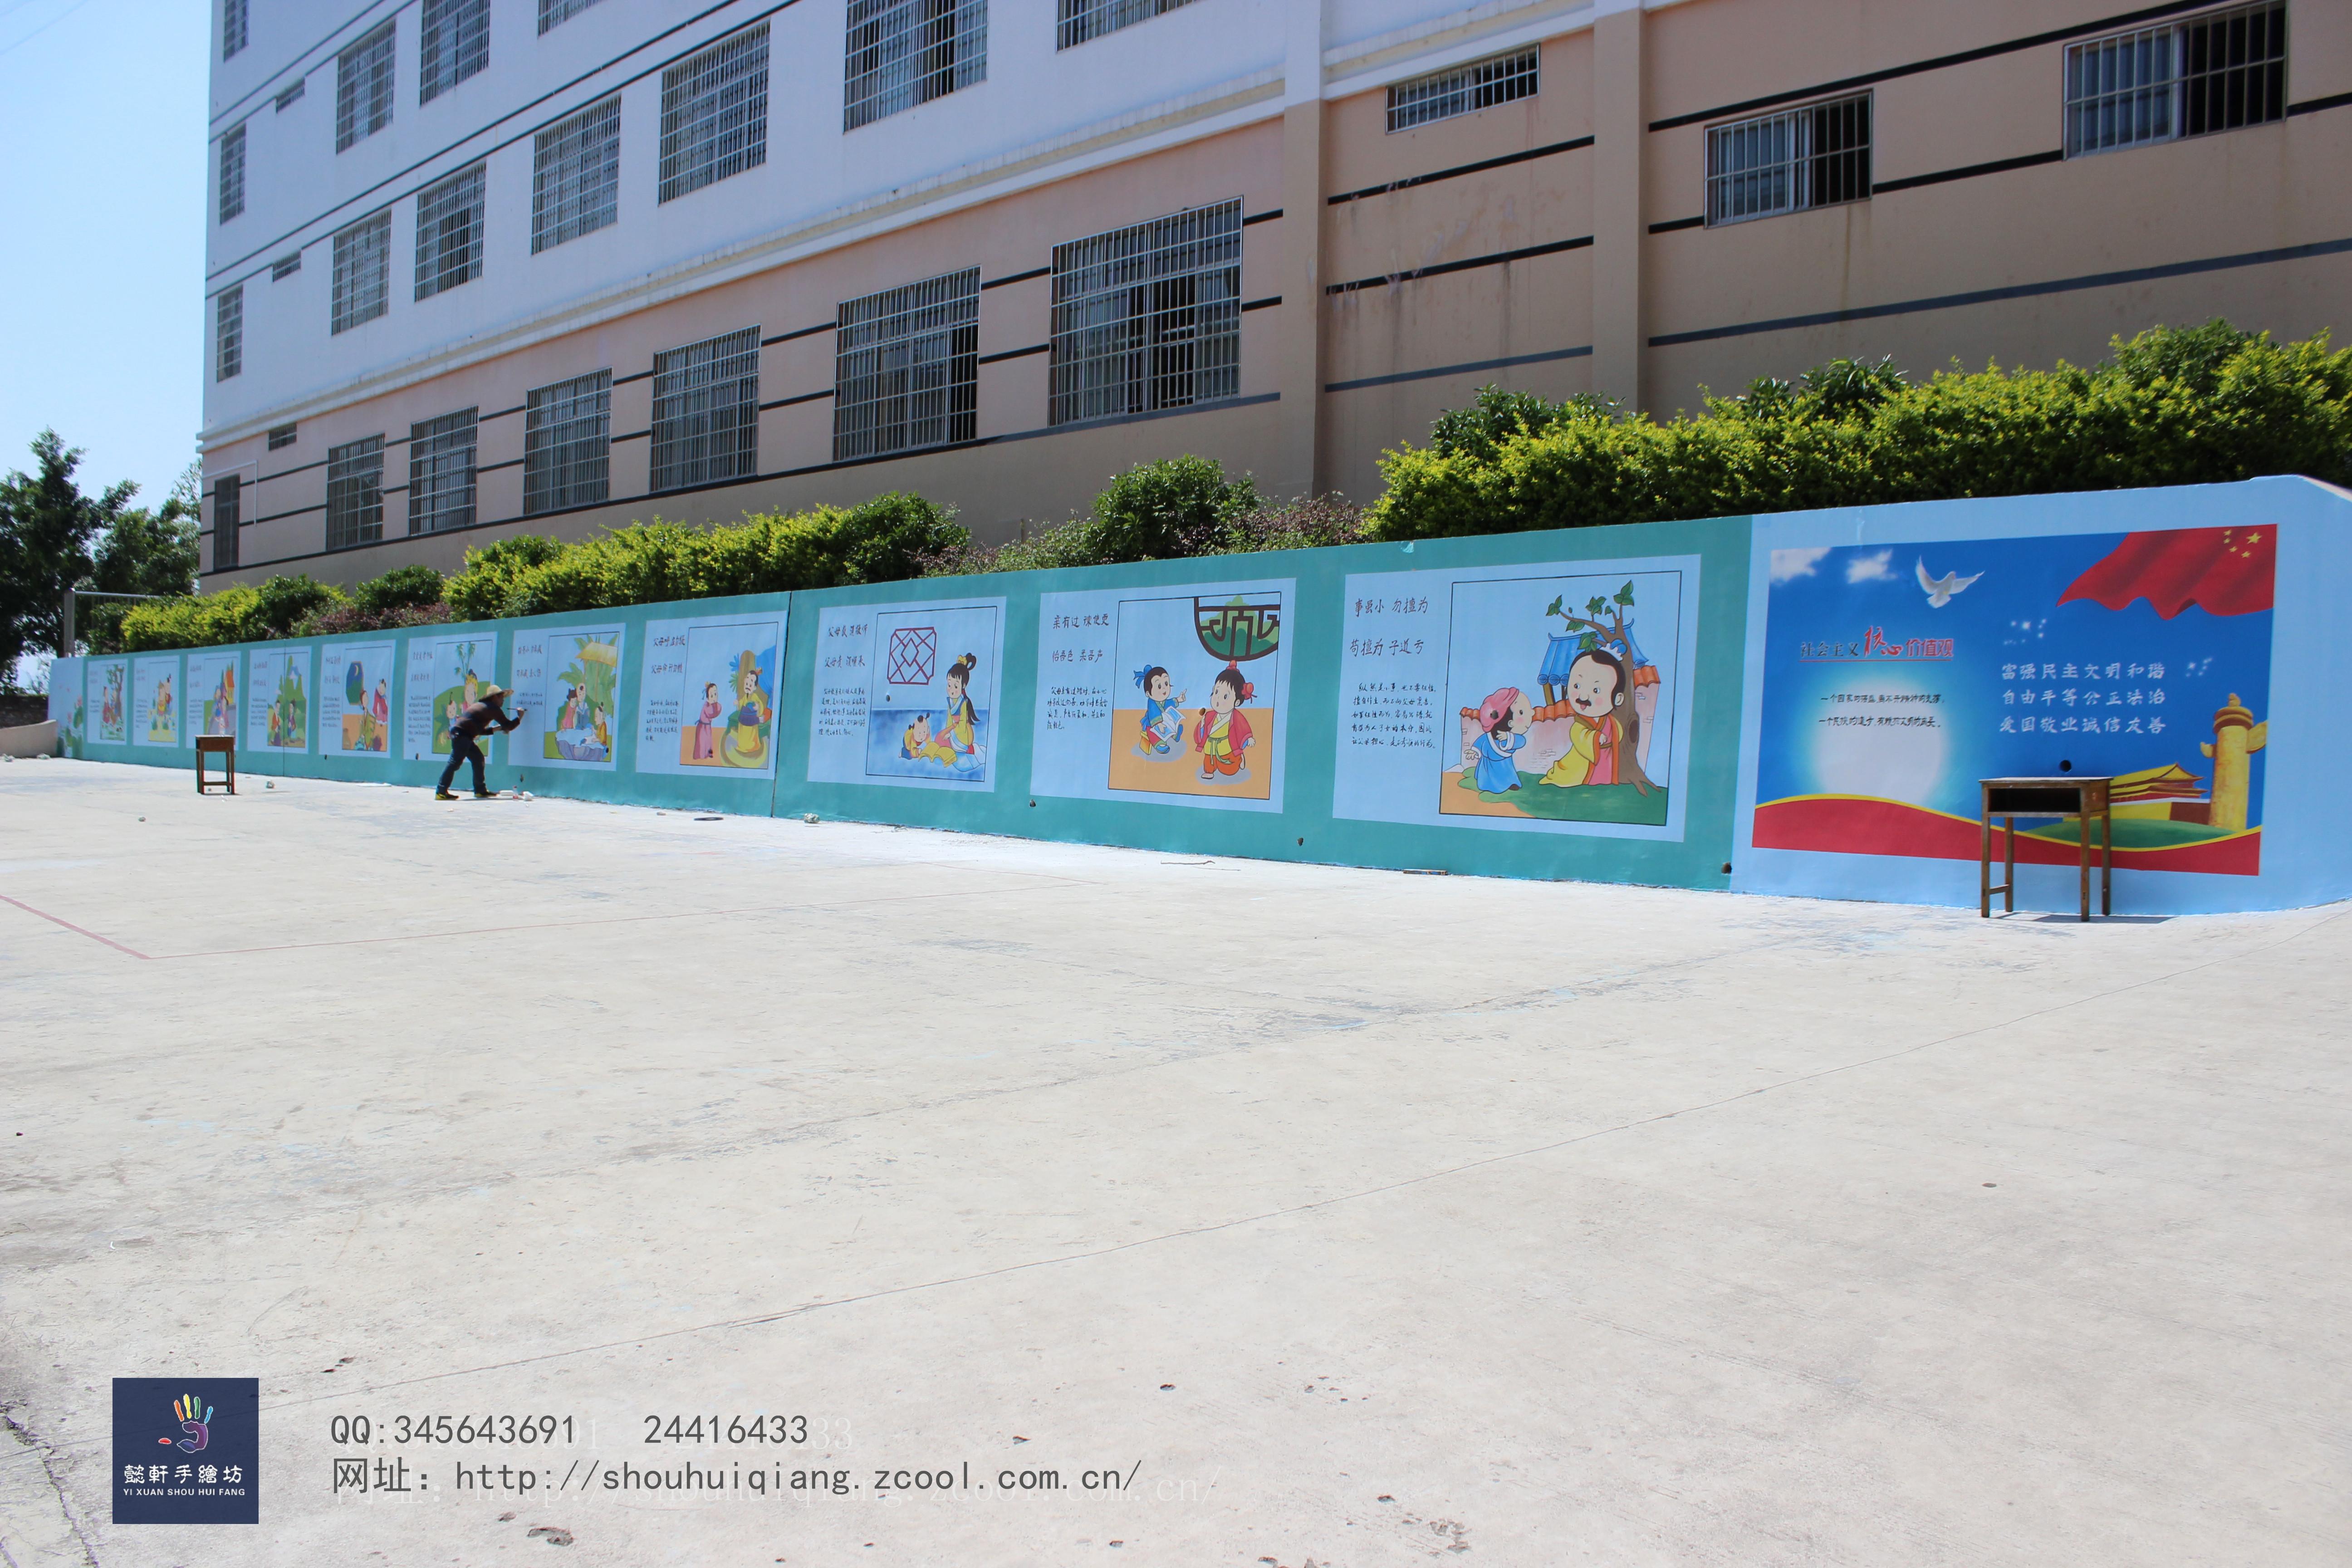 校园文化墙|其他|墙绘/立体画|懿轩手绘墙 - 原创作品